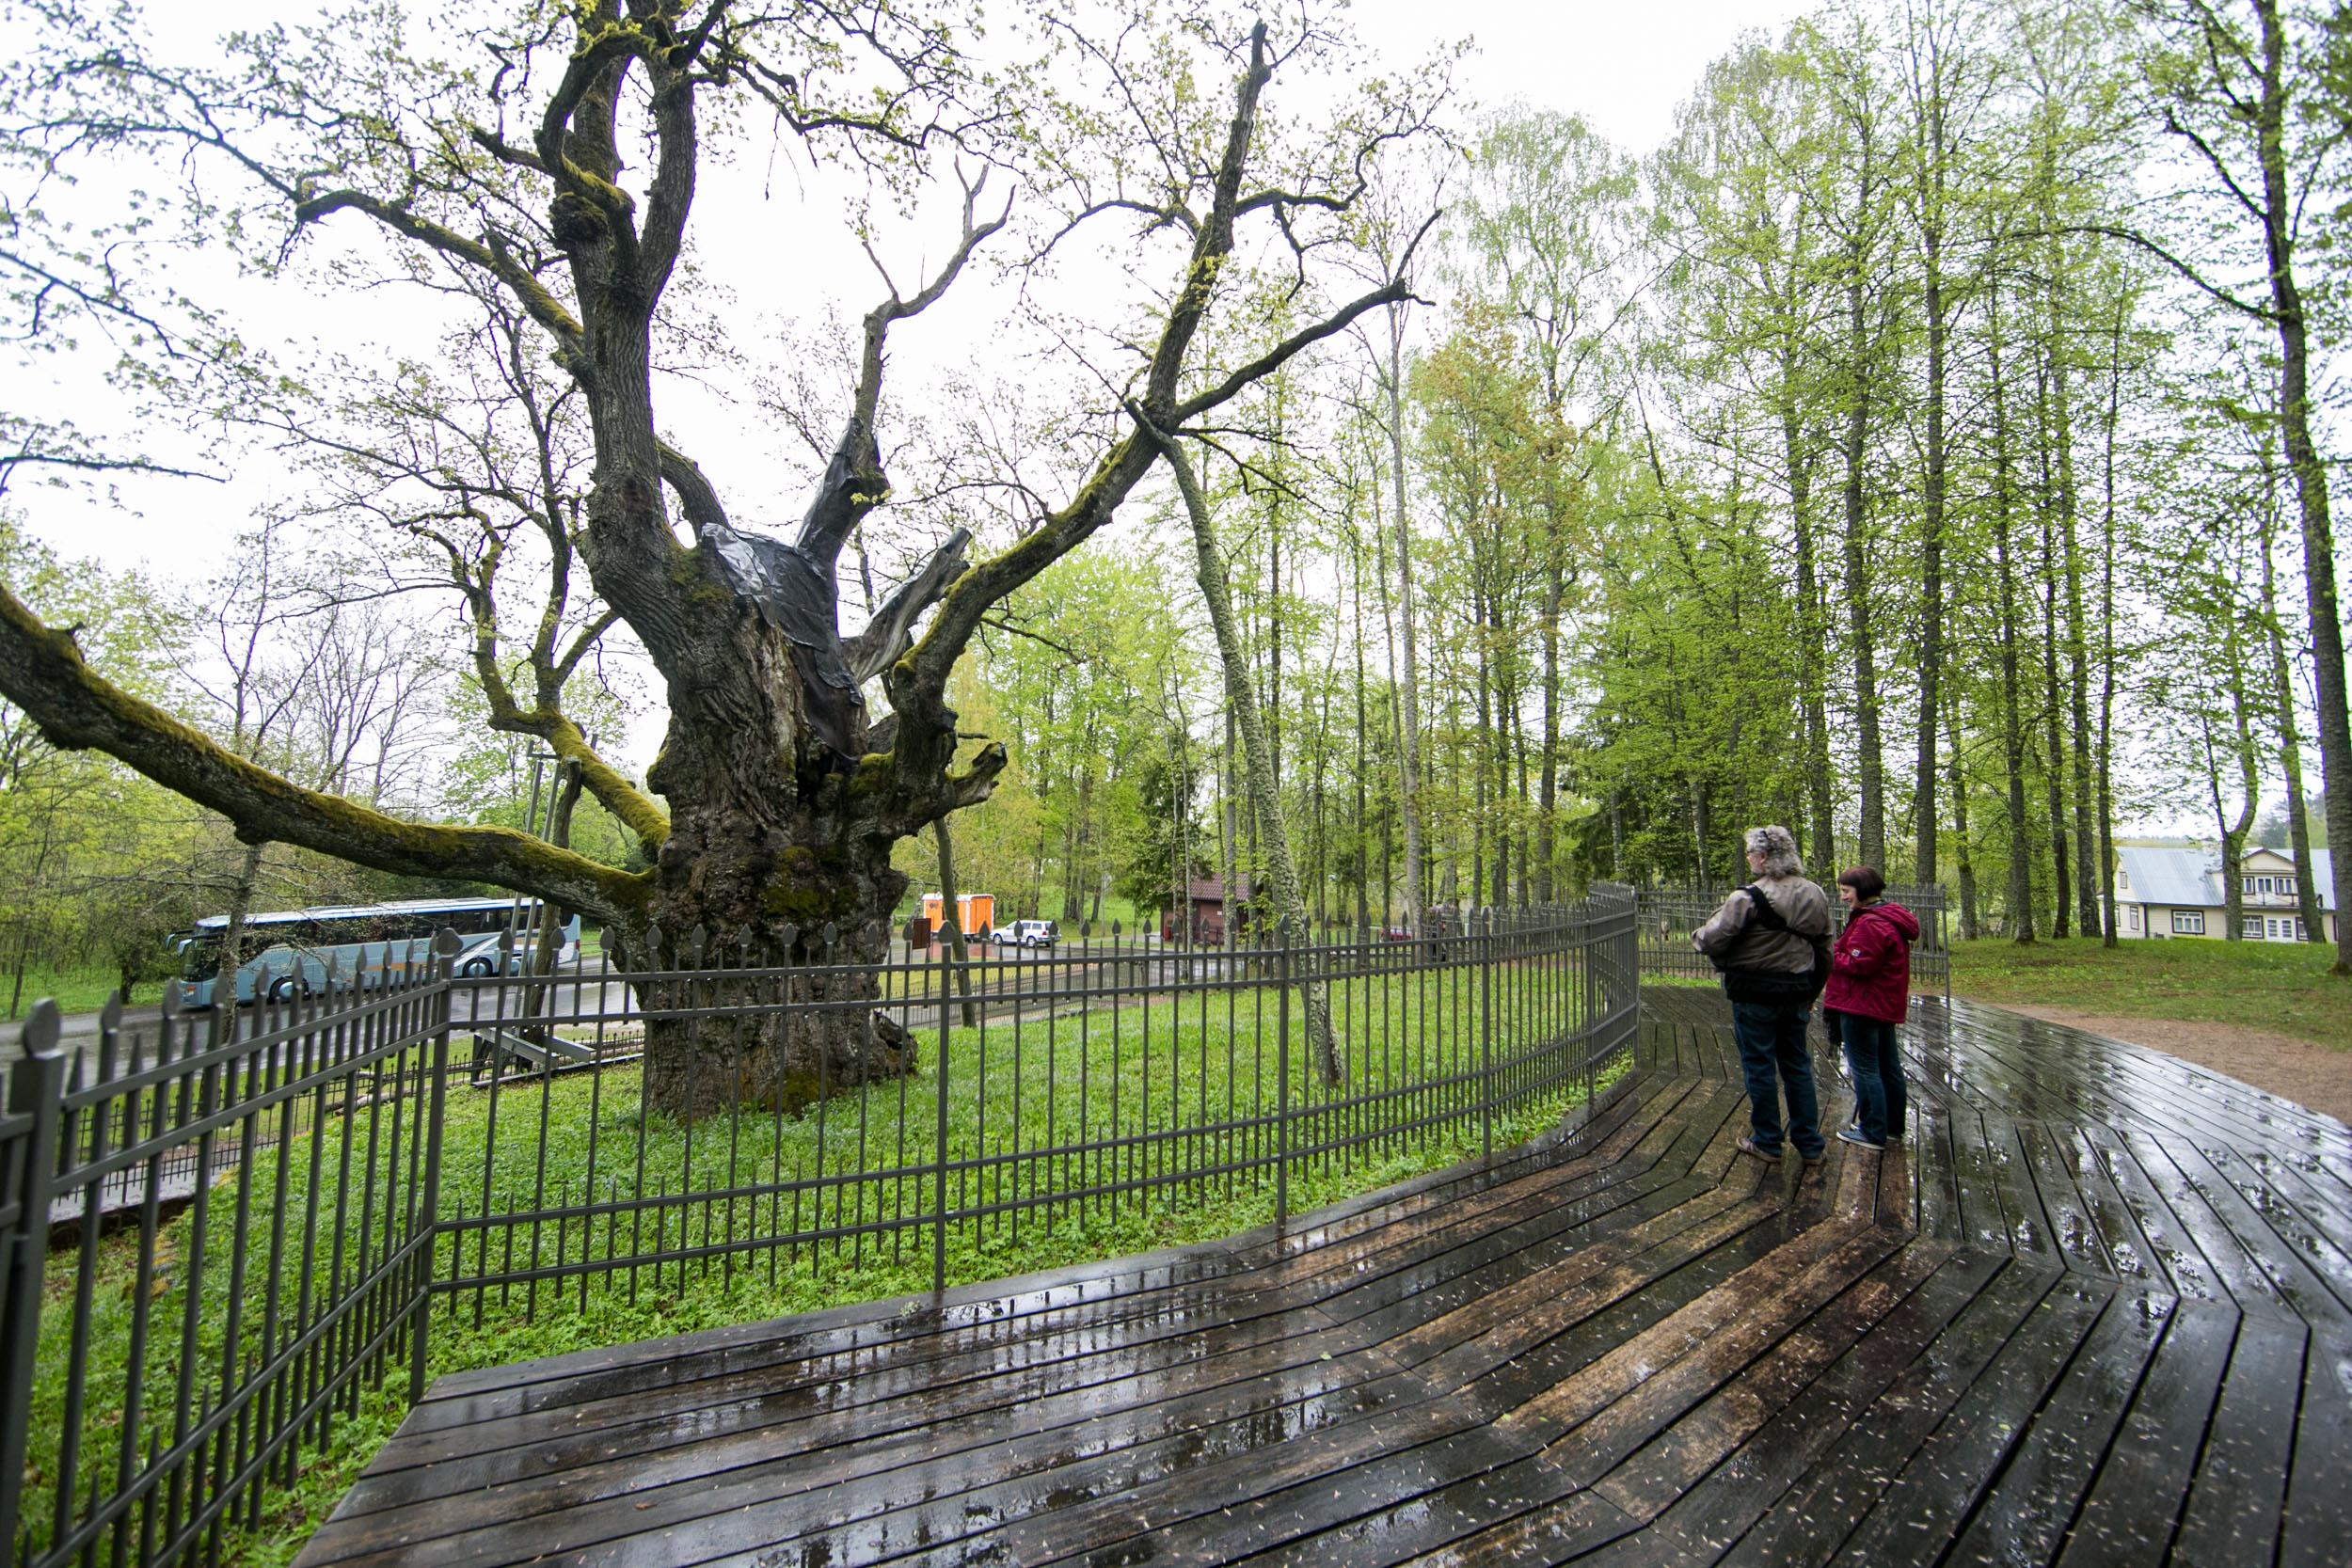 """Apkabinę medžio kamieną akimirką pajuntame ramybę ir palengvėjimą. O jei tame kamiene saugoma keli šimtai metų istorijos? Lietuvoje vis dar žaliuoja jau nebe šimtmečius, o tūkstantmečius skaičiuojantys ąžuolai, kelių kamienų pušys, medžiai, augantys iš vieno kamieno arba tarsi """"laikantys"""" vienas kitą už bendros šakos – yra įdomiausių medžių – gamtos paminklų, kuriuos per vasarą aplankyti kviečia Valstybinė saugomų teritorijų tarnyba."""